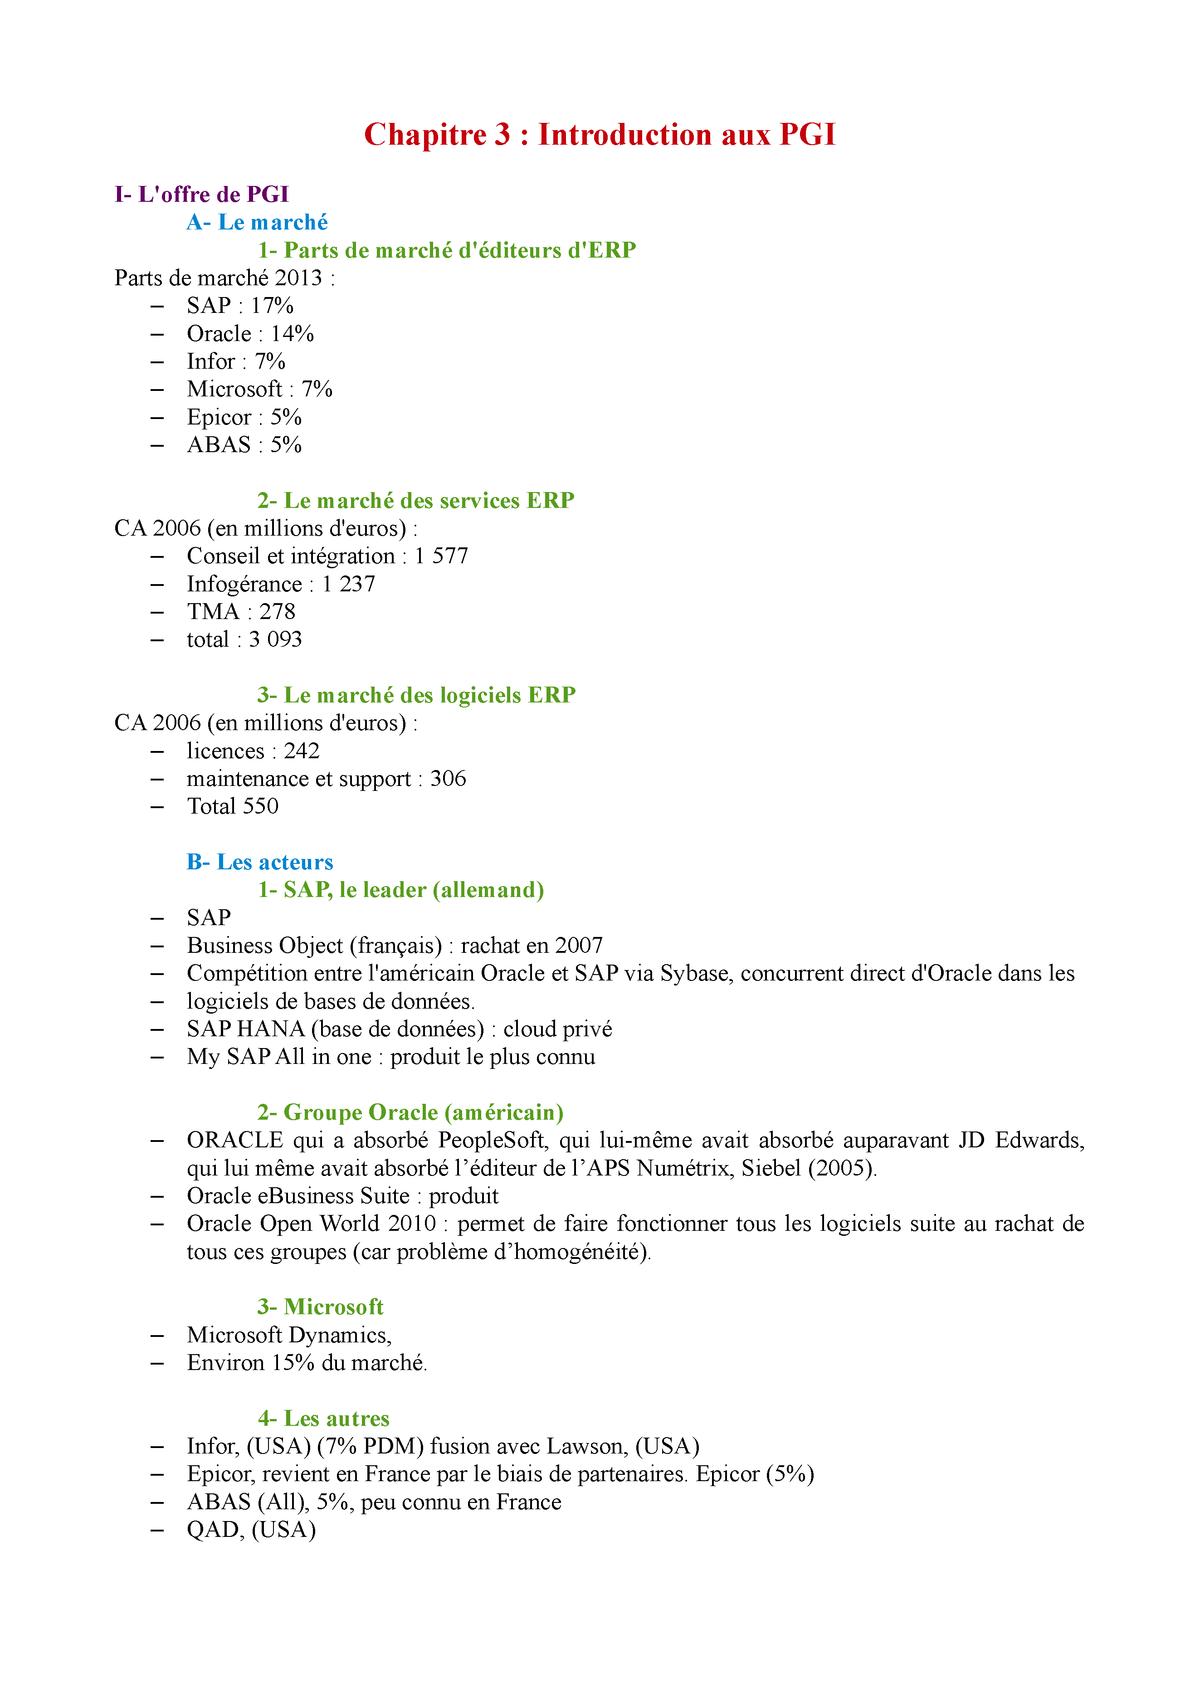 Chapitre 3 - Introduction aux PGI - F3899: Système d